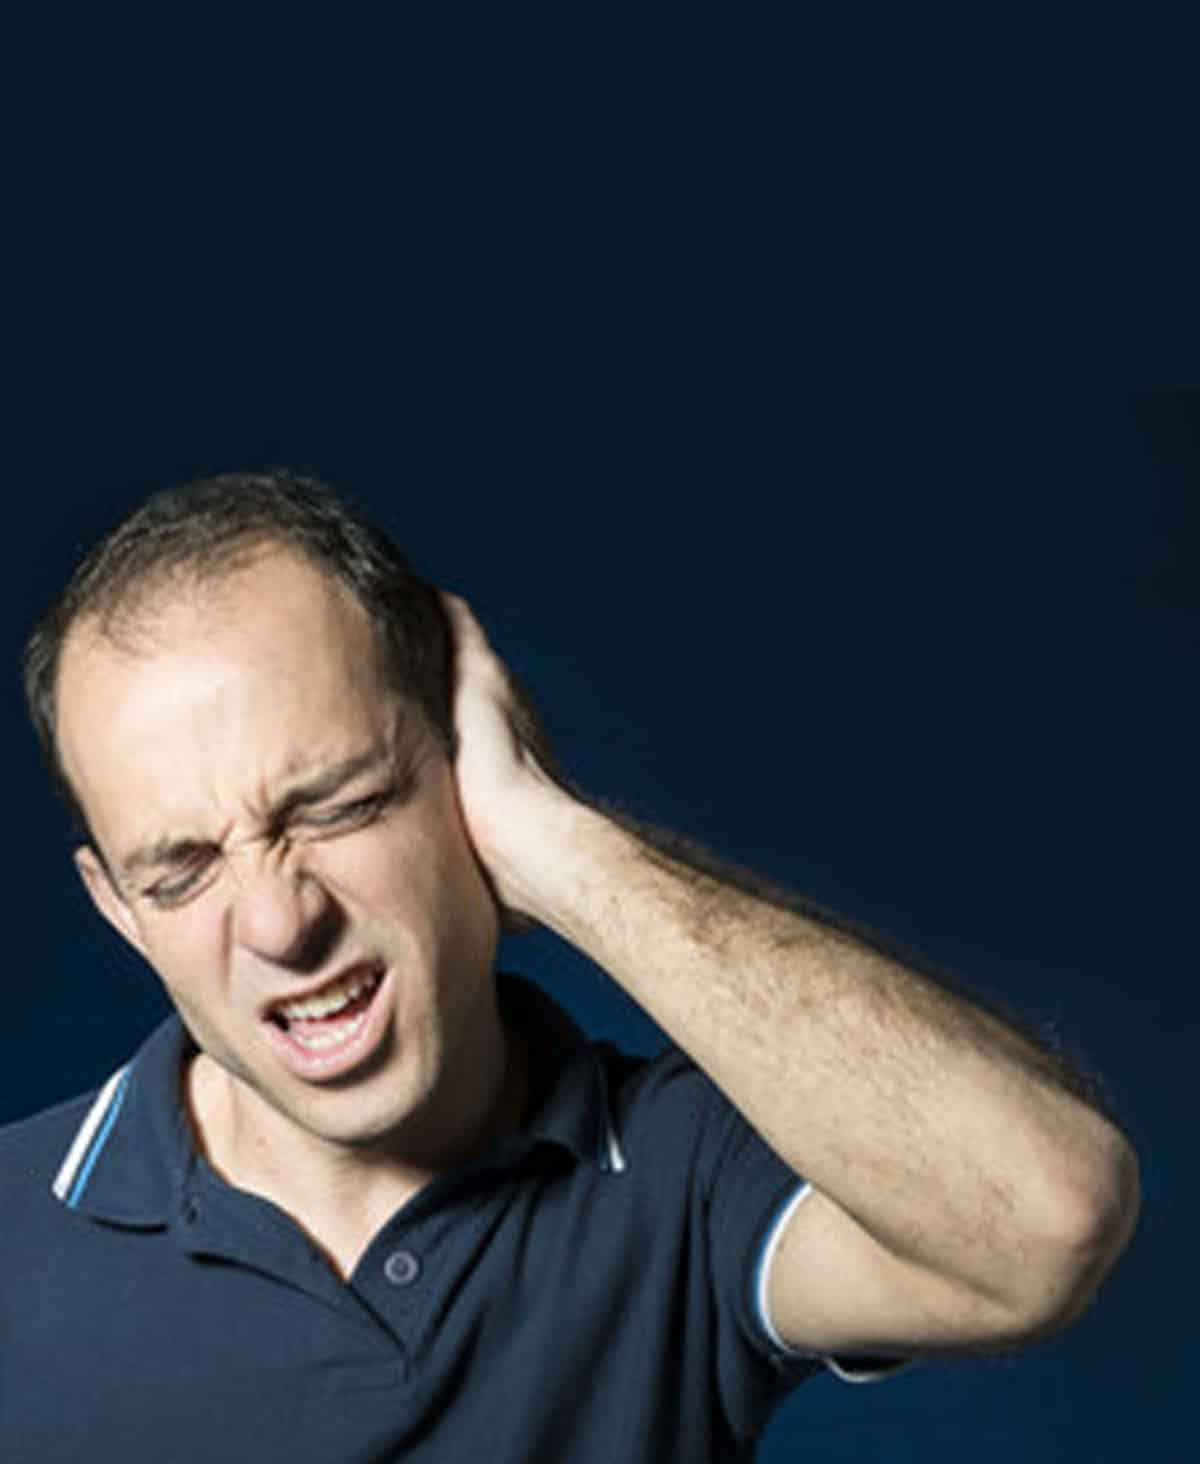 Audias Centro Auditivo, audífonos y protección auditiva Evitar la pérdida de audición